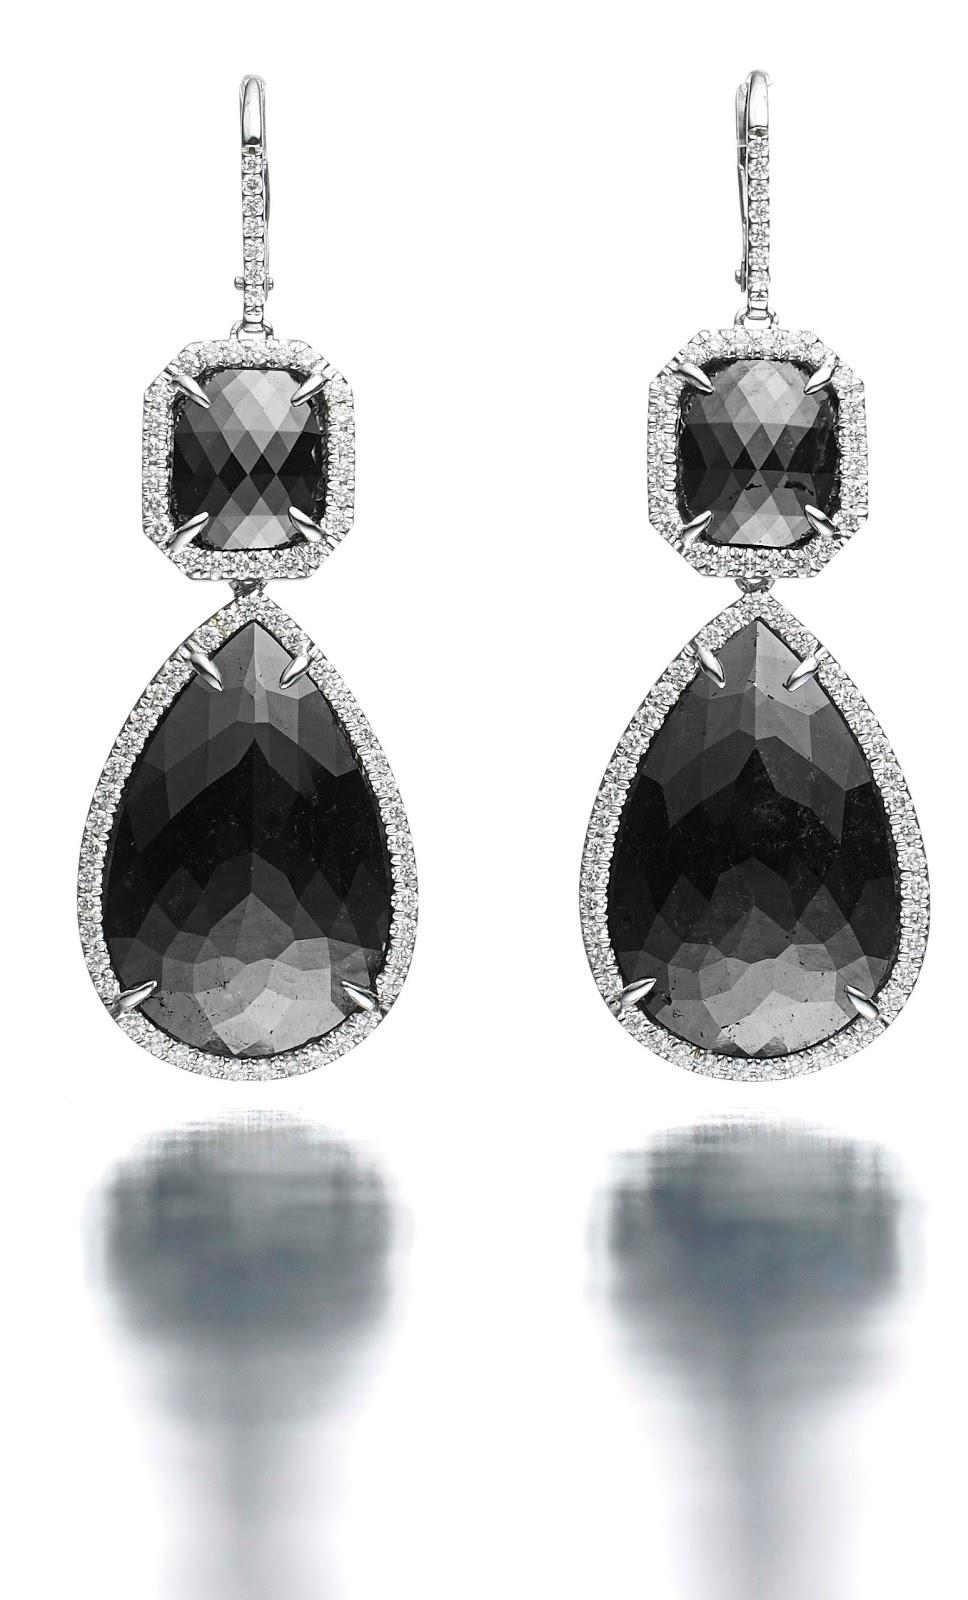 SHE FASHION CLUB: Black Diamond Earrings